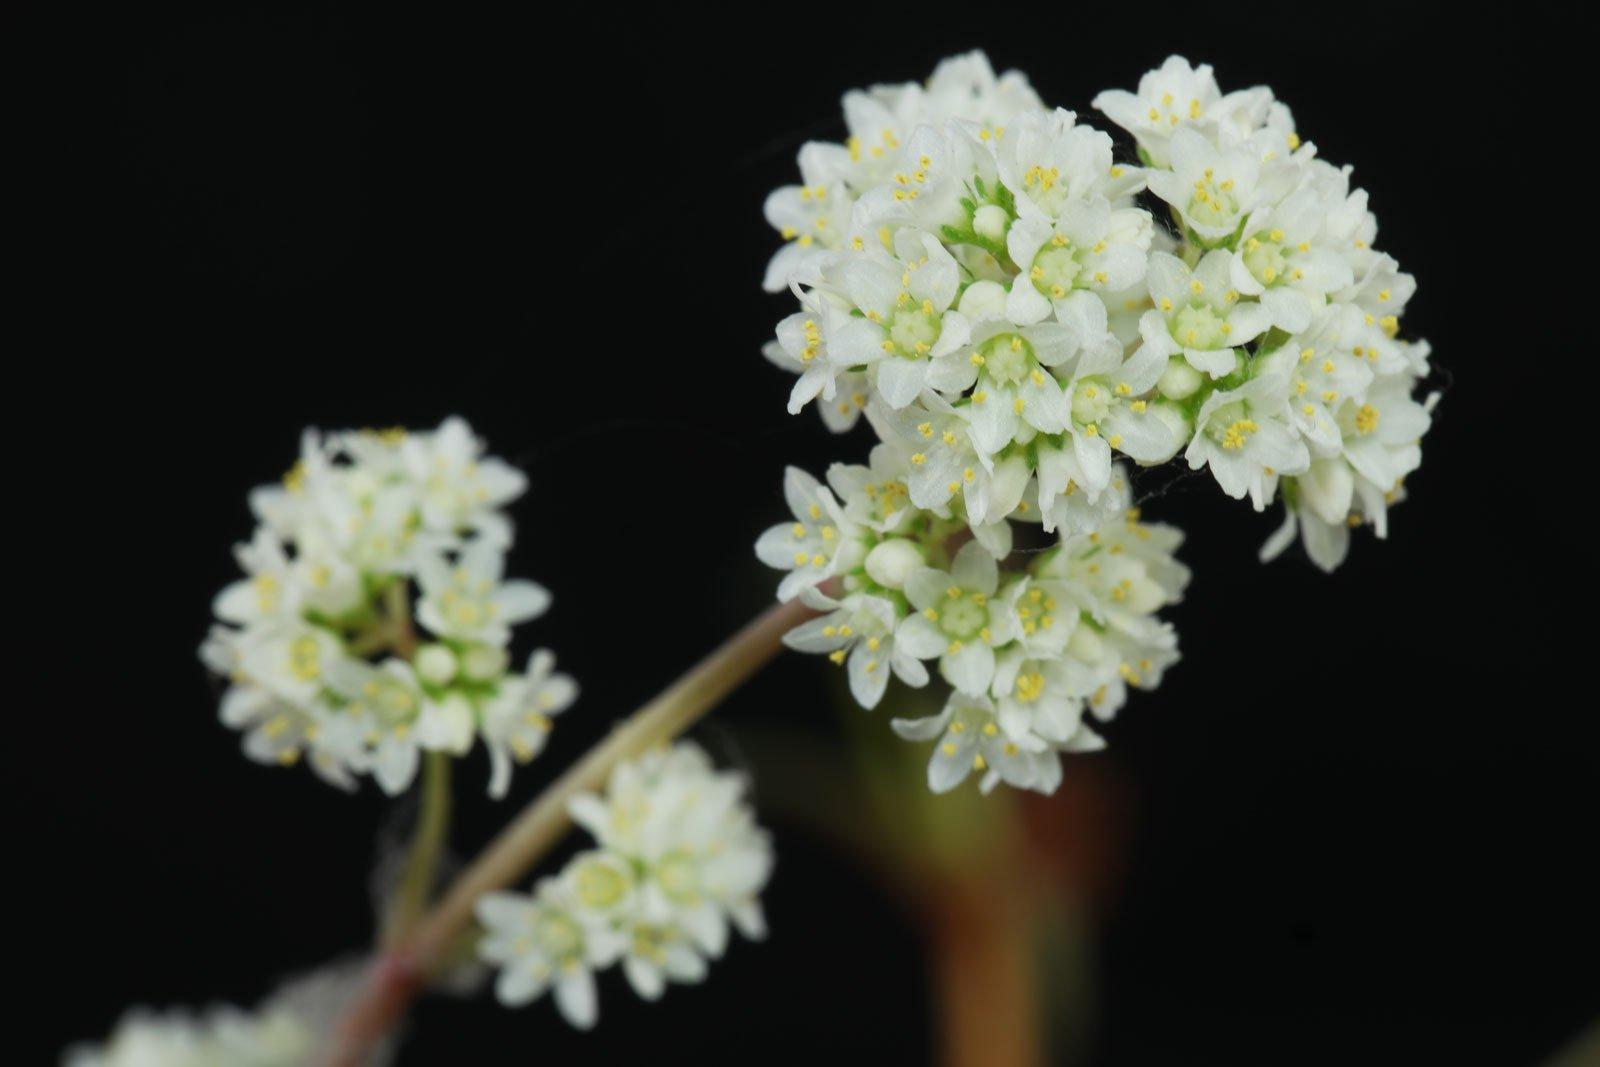 Crassula orbicularis var Rosularis